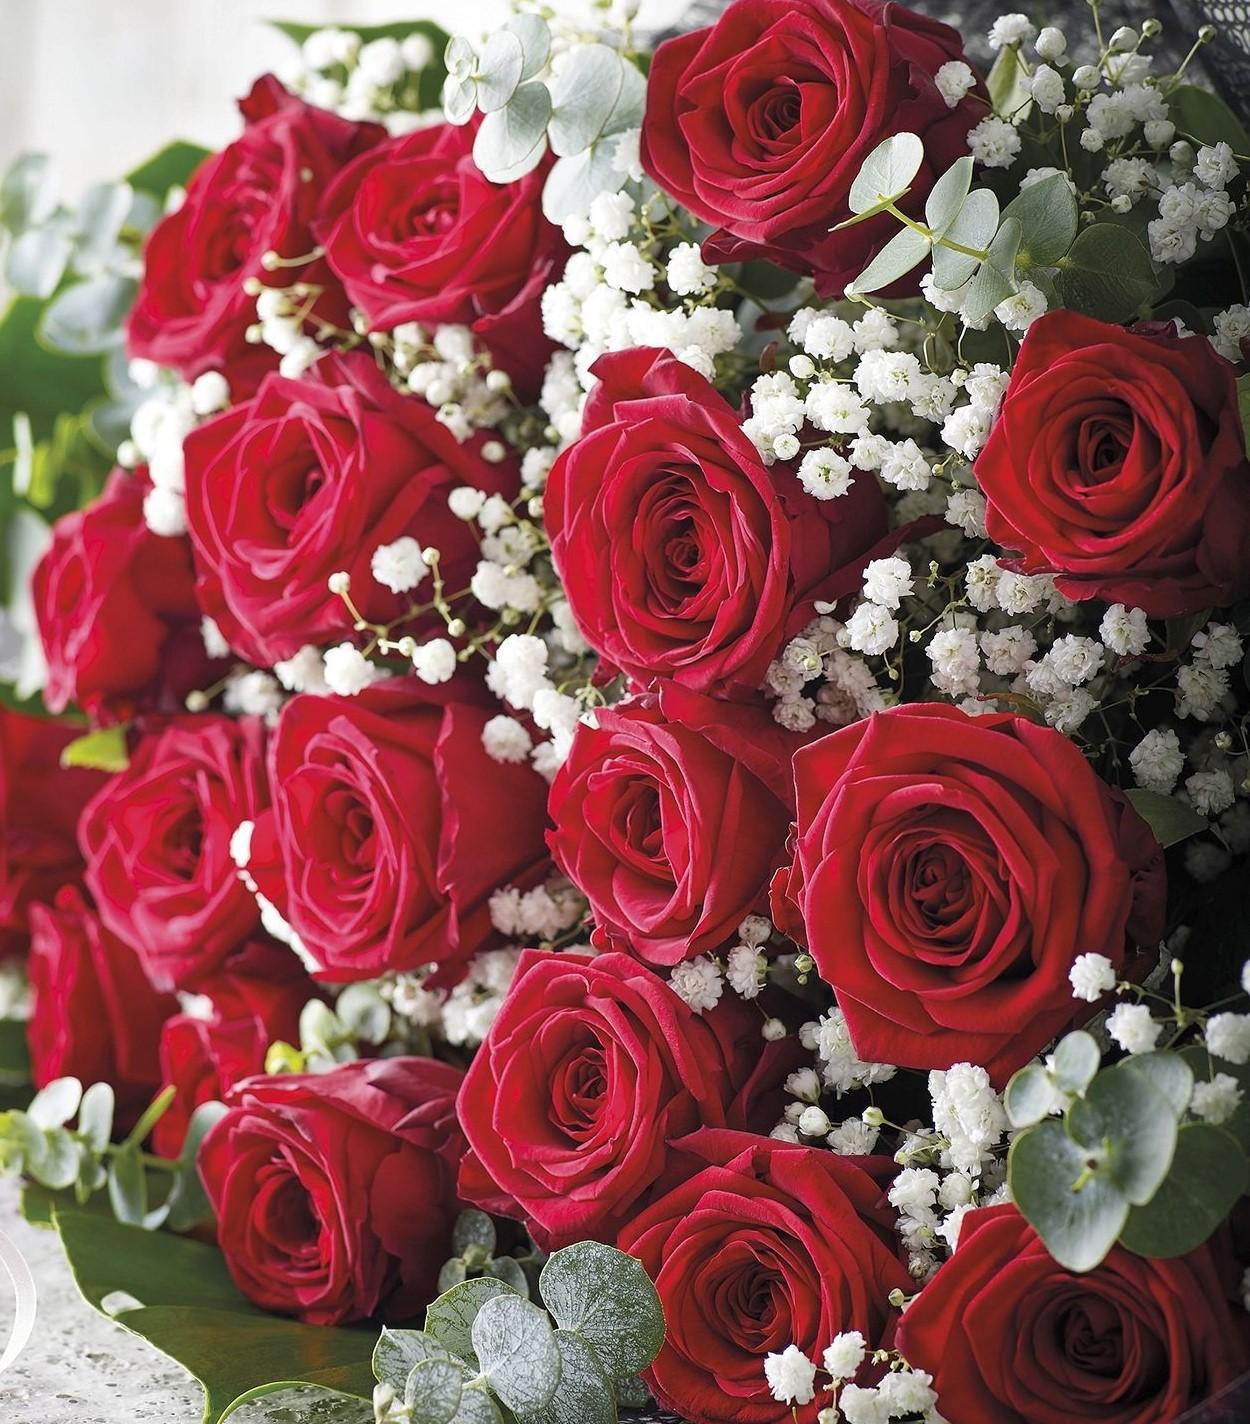 Buy Fresh Flowers In Lagos Nigeria Top Flower Shop In Lagos